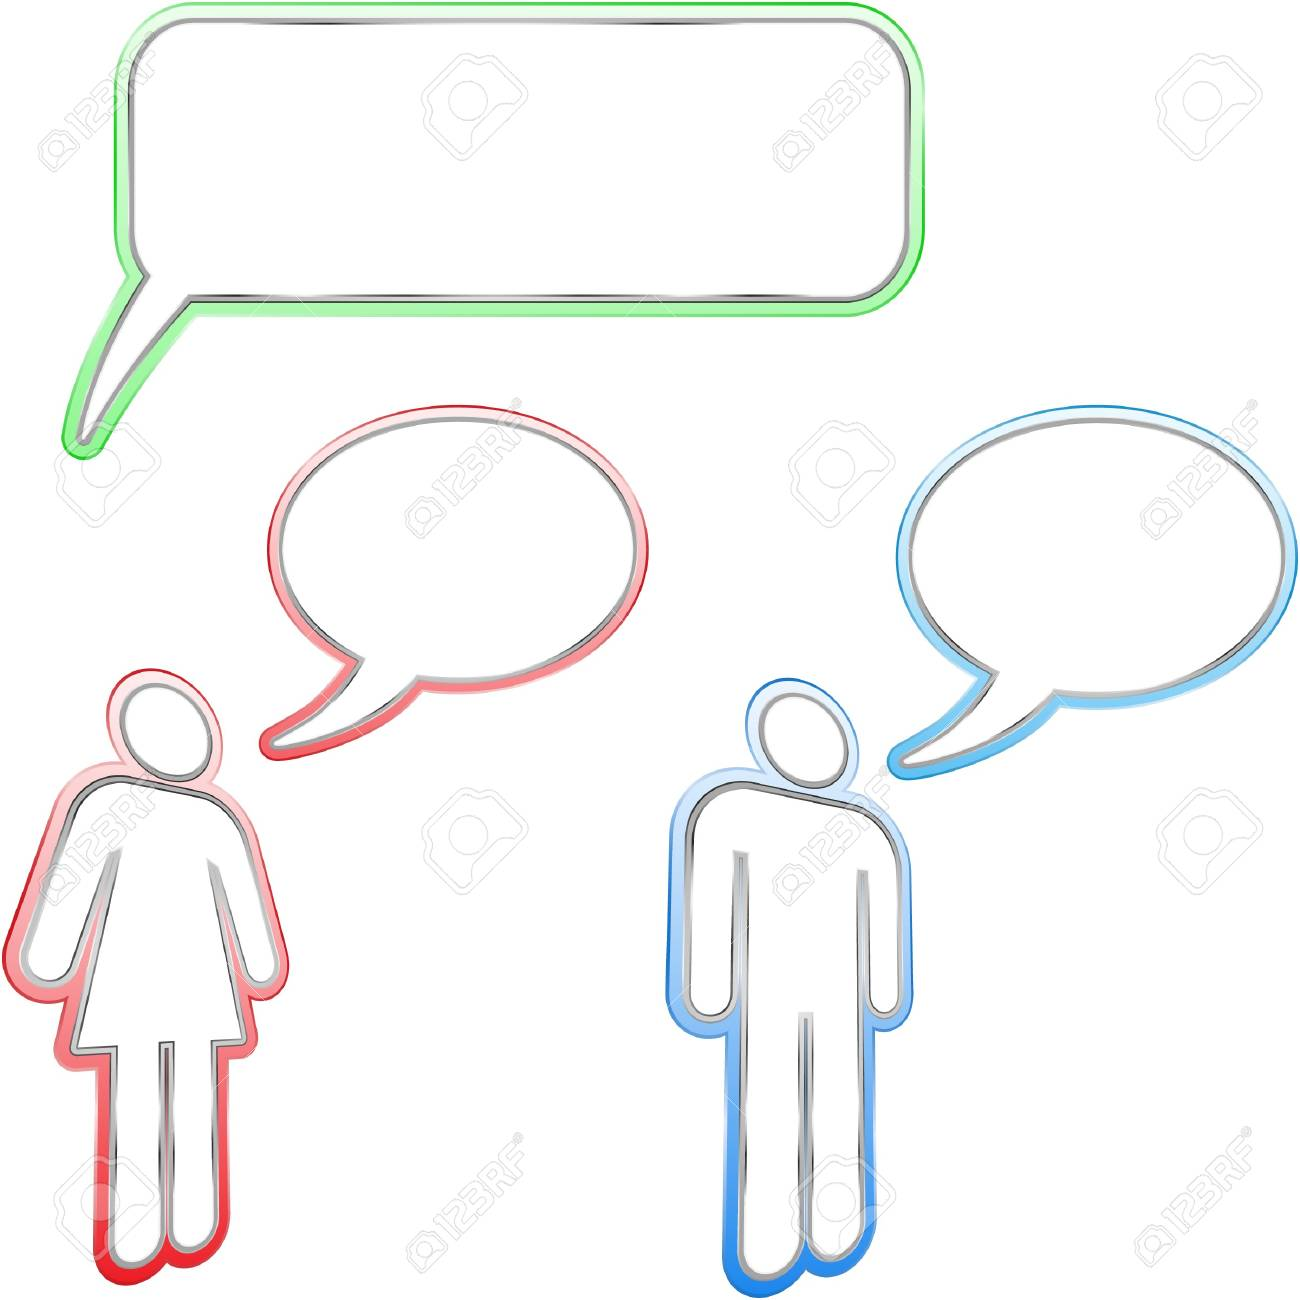 speech bubble. Stock Vector - 7534208